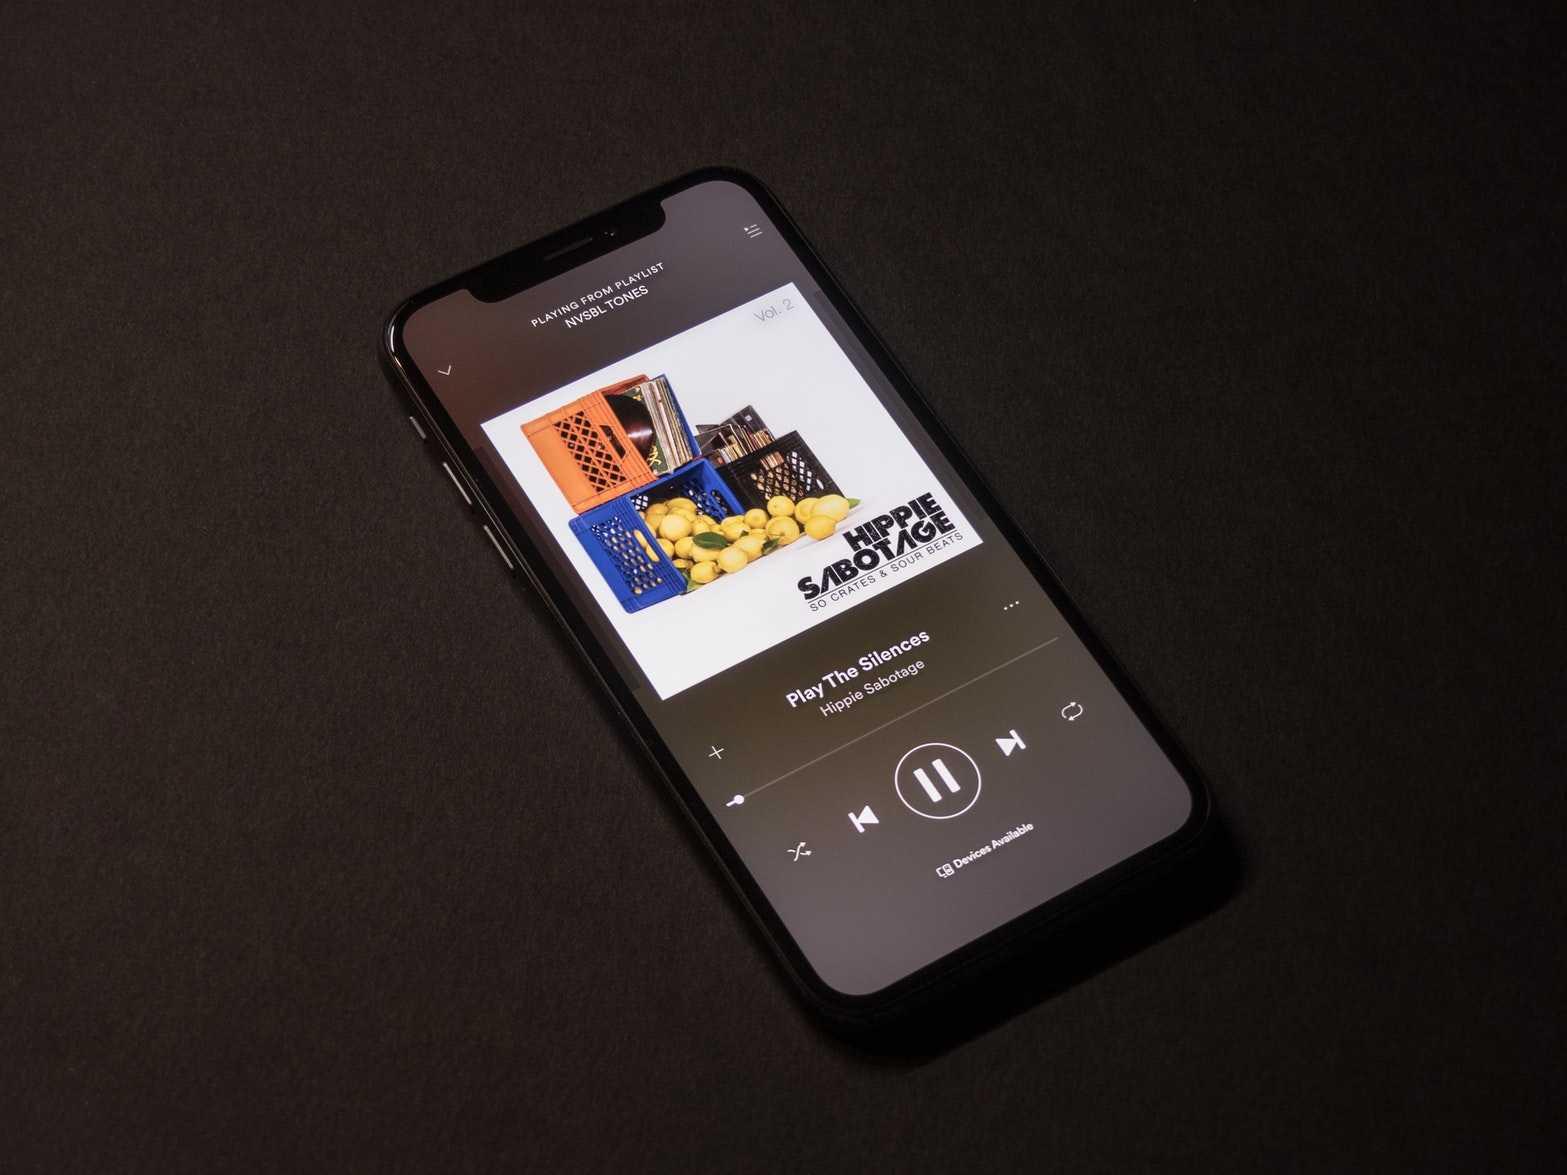 Spotify le pagó mucho a los artistas y ahora quiere su dinero de vuelta